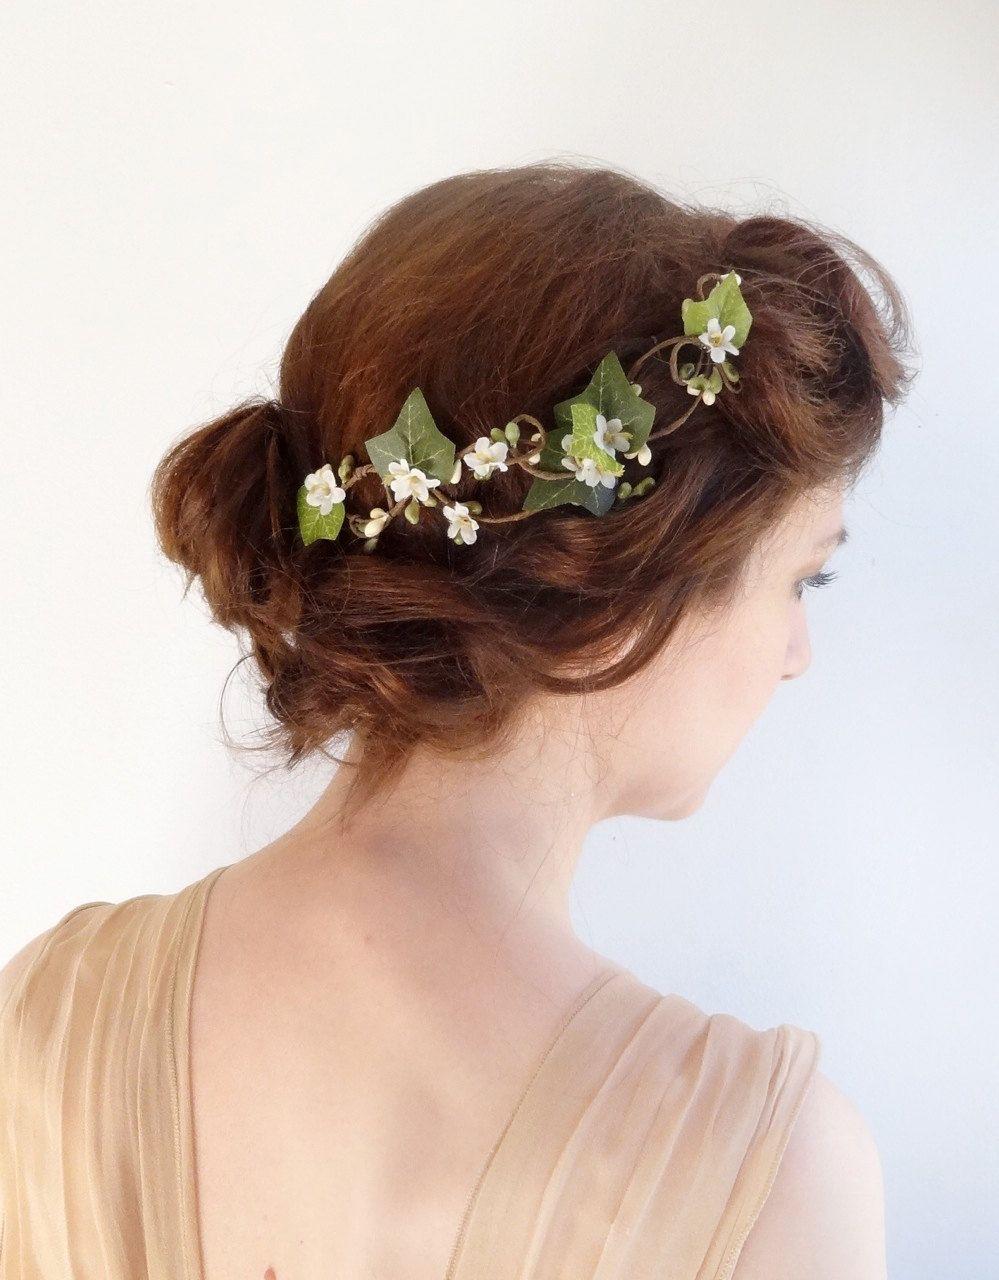 Ivy Hair Clip Bridal Hair Vine Flower Hair Vine Ivy Hair Accessories Green Hair Flower Hair Clip Wedding H Wedding Hair Pieces Hair Vine Bridal Hair Clip